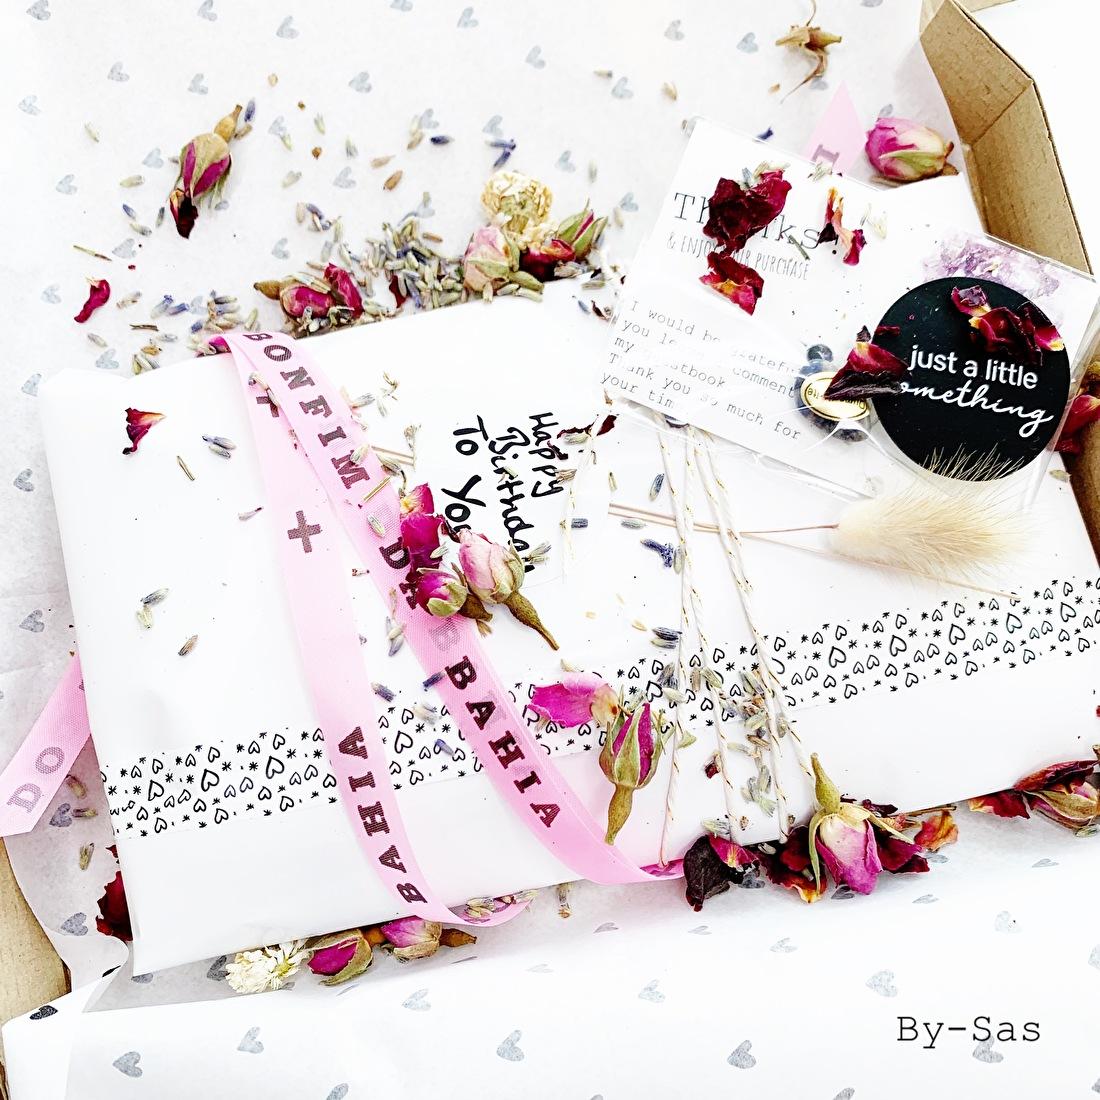 verzending met liefdebestelling klant van By-Sas, doosje geluk en liefde voor de klant